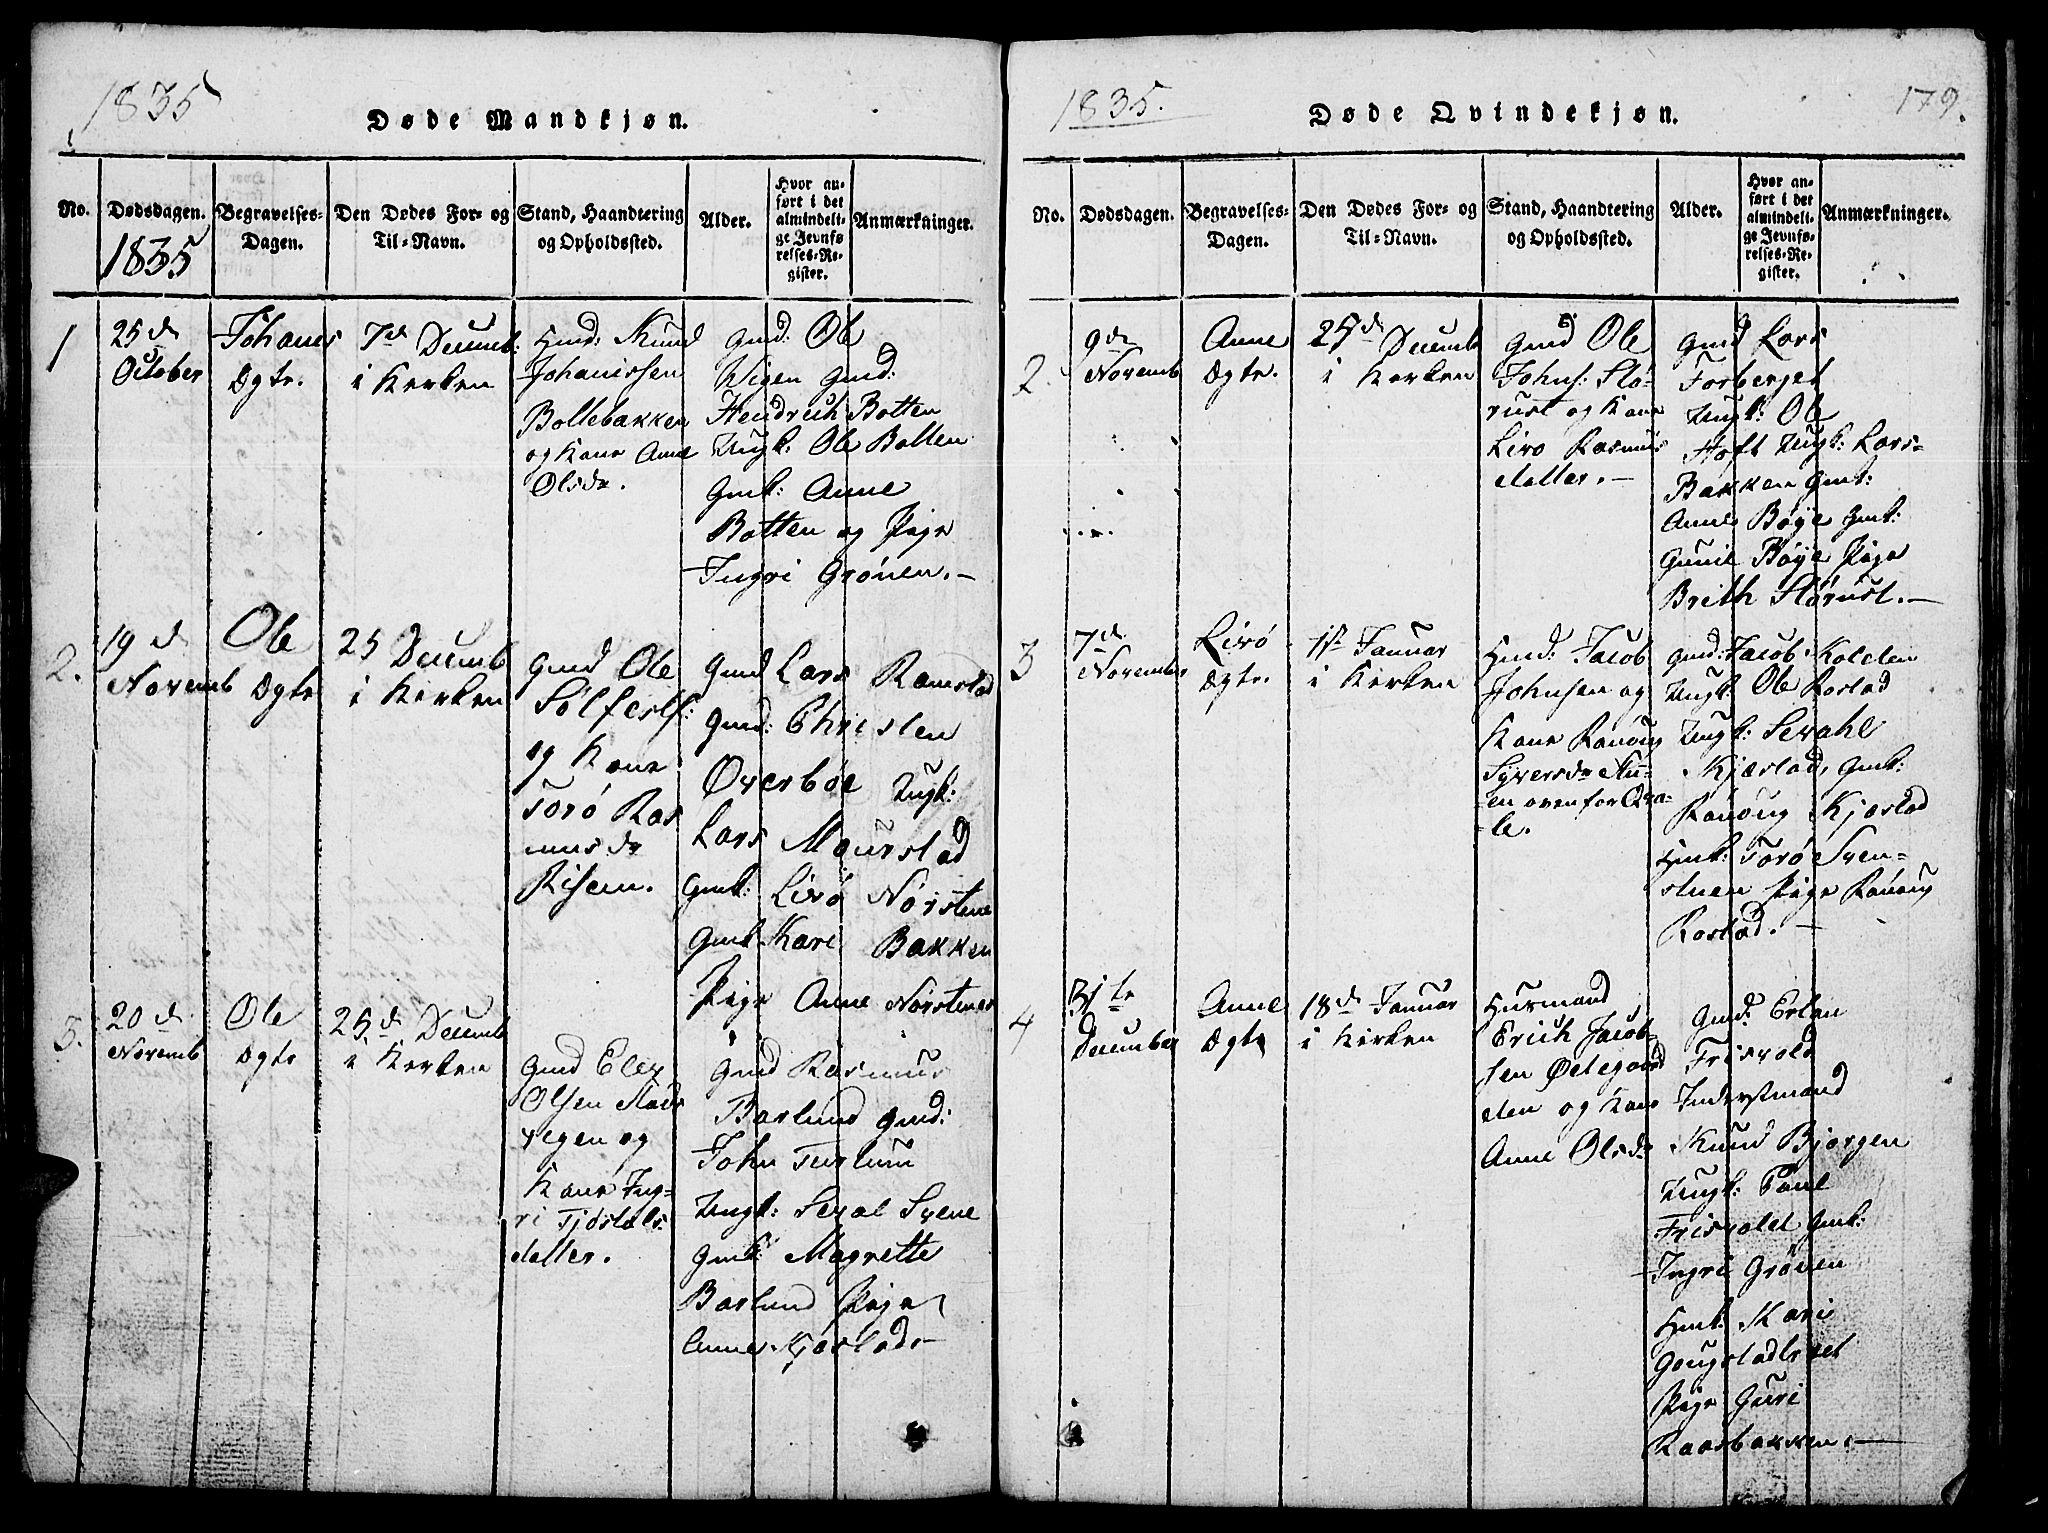 SAH, Lom prestekontor, L/L0001: Klokkerbok nr. 1, 1815-1836, s. 179